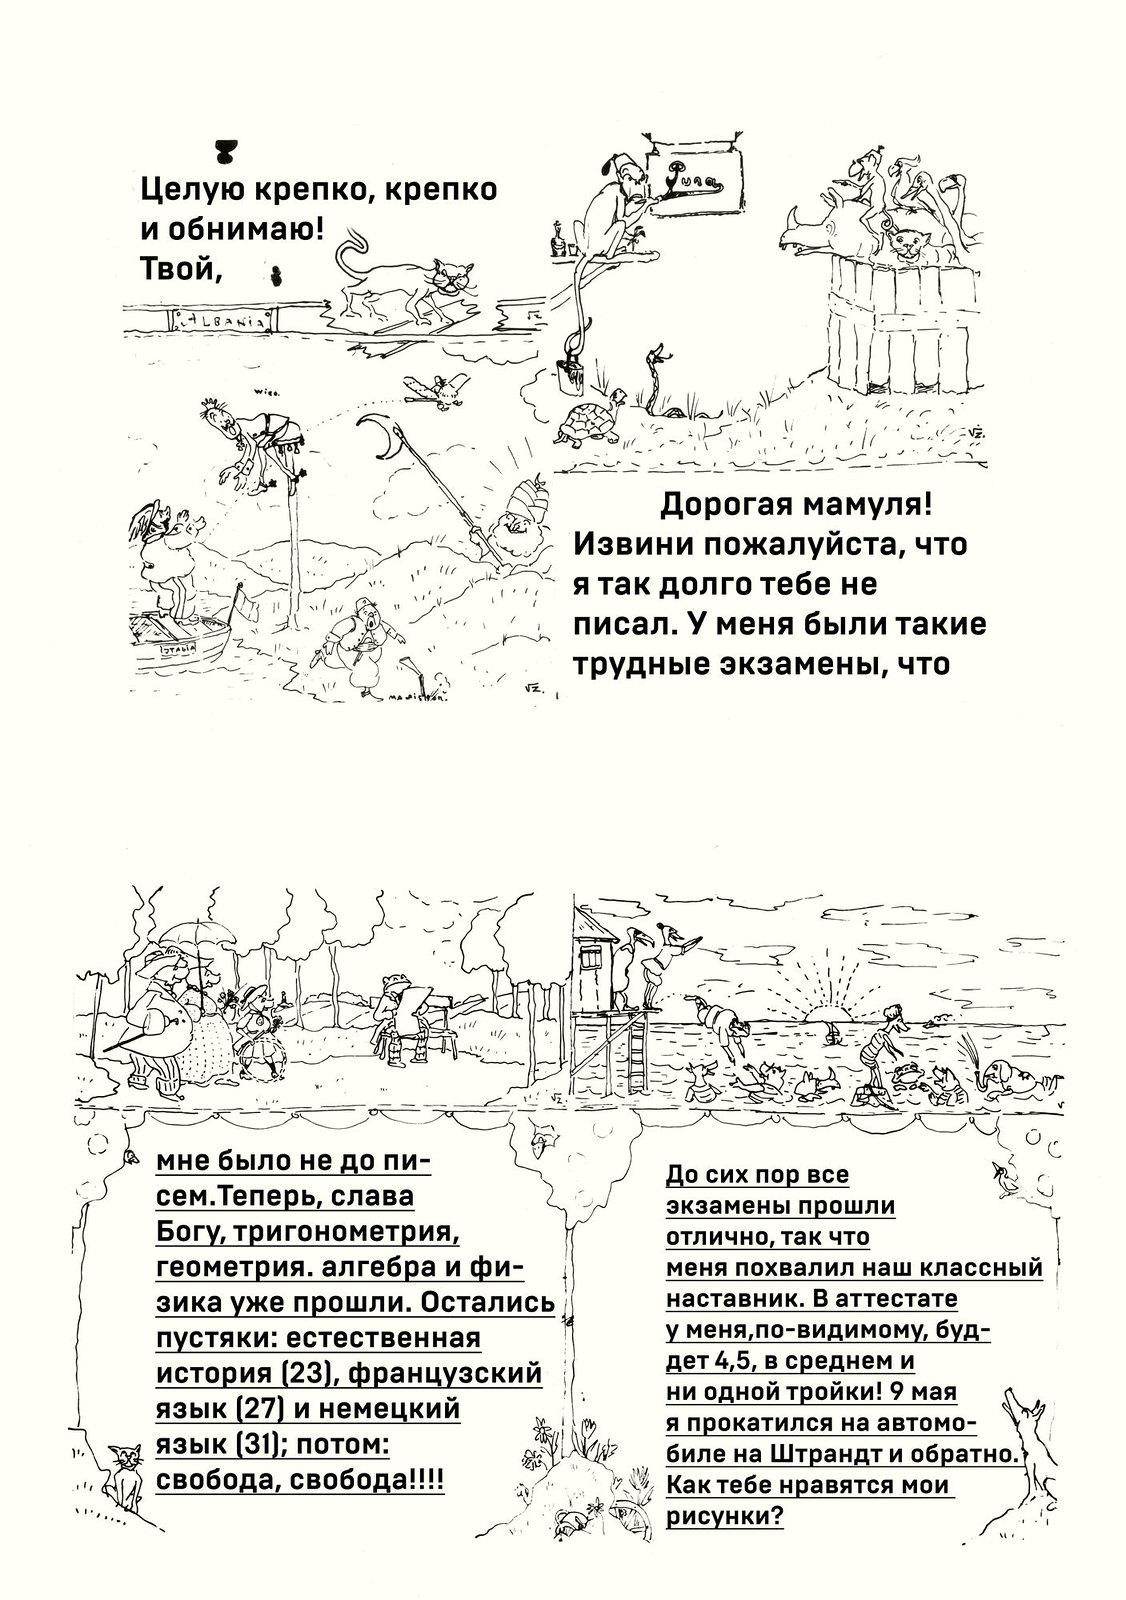 1914. «Послание Маменьке накануне I мировой войны». Рига.